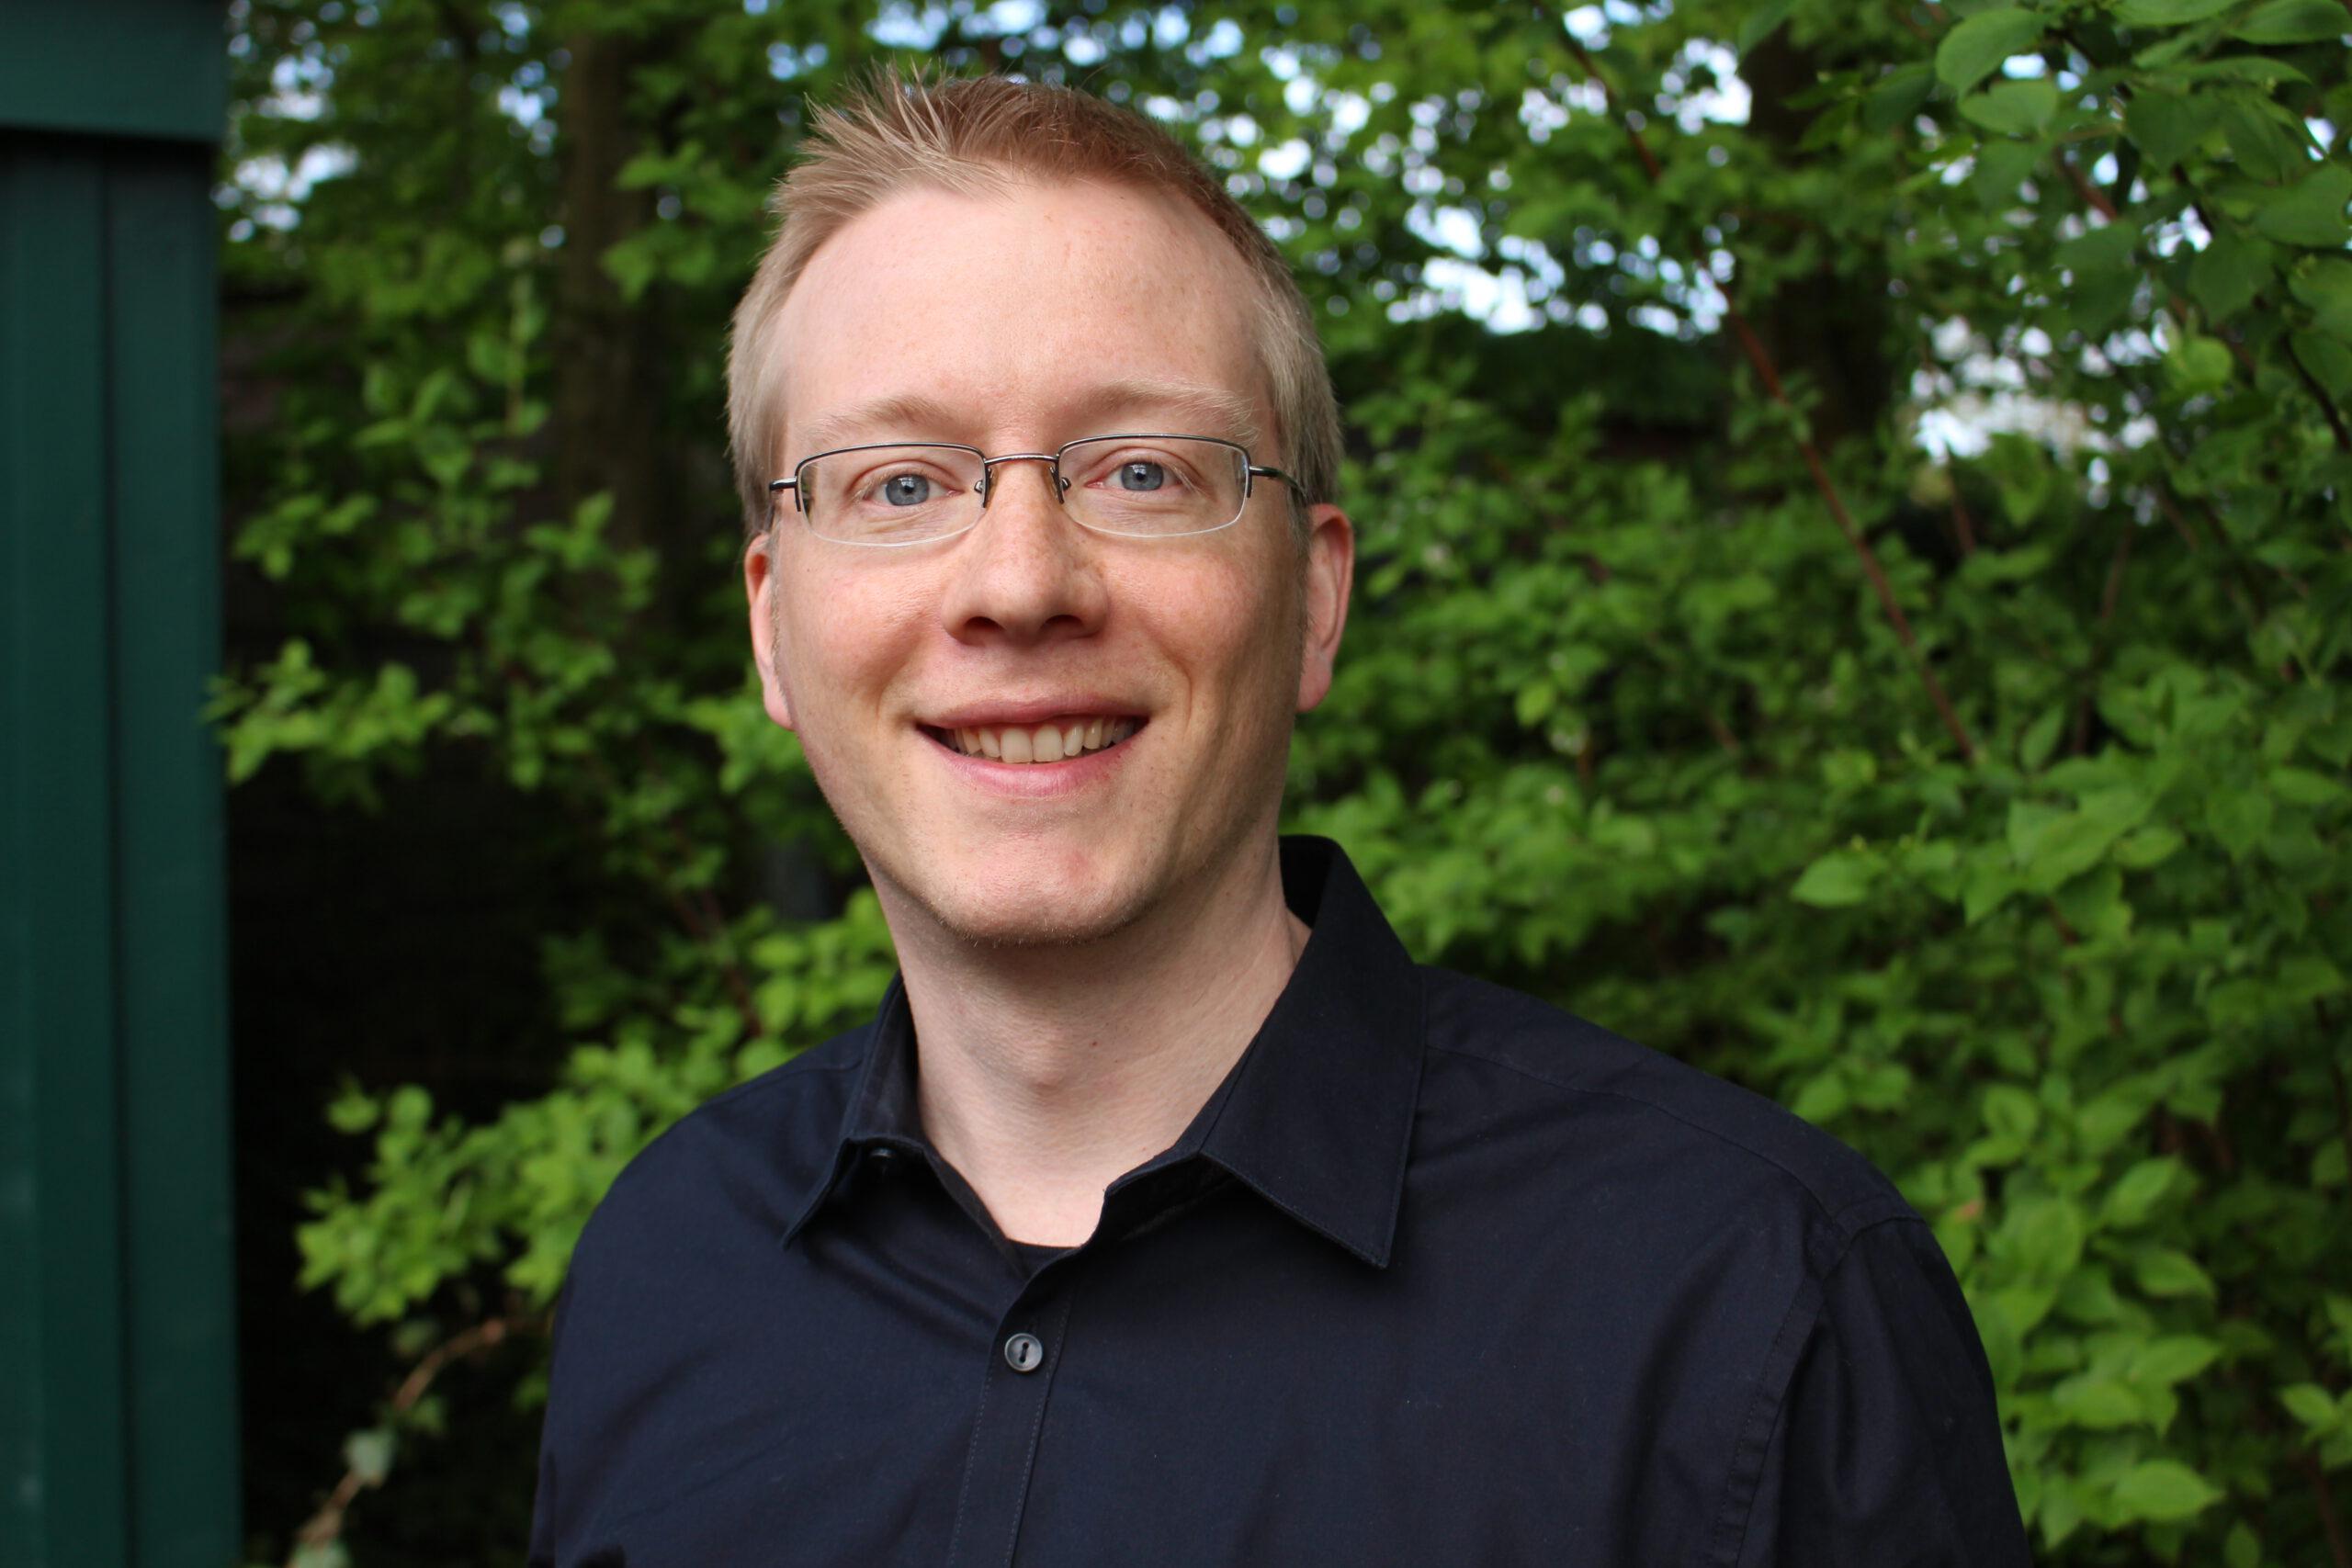 Jan Schake